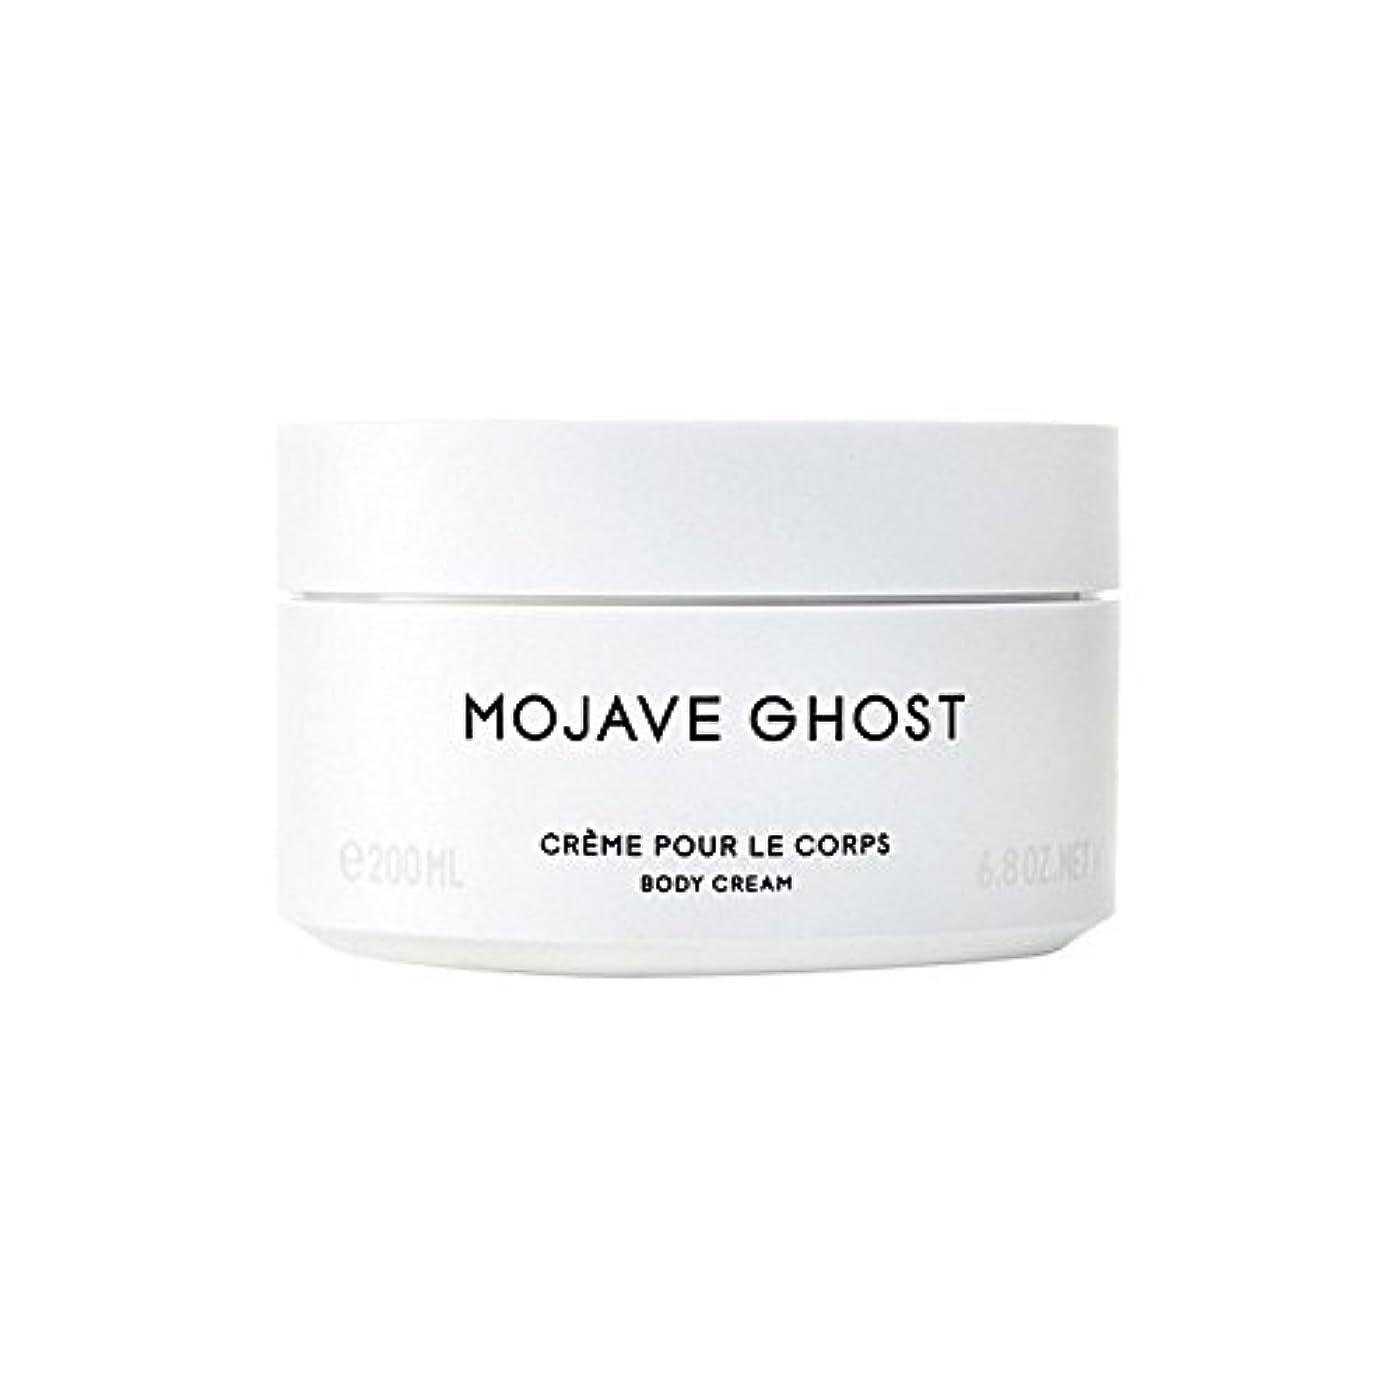 流ハリウッド熟すモハーベゴーストボディクリーム200ミリリットル x4 - Byredo Mojave Ghost Body Cream 200ml (Pack of 4) [並行輸入品]